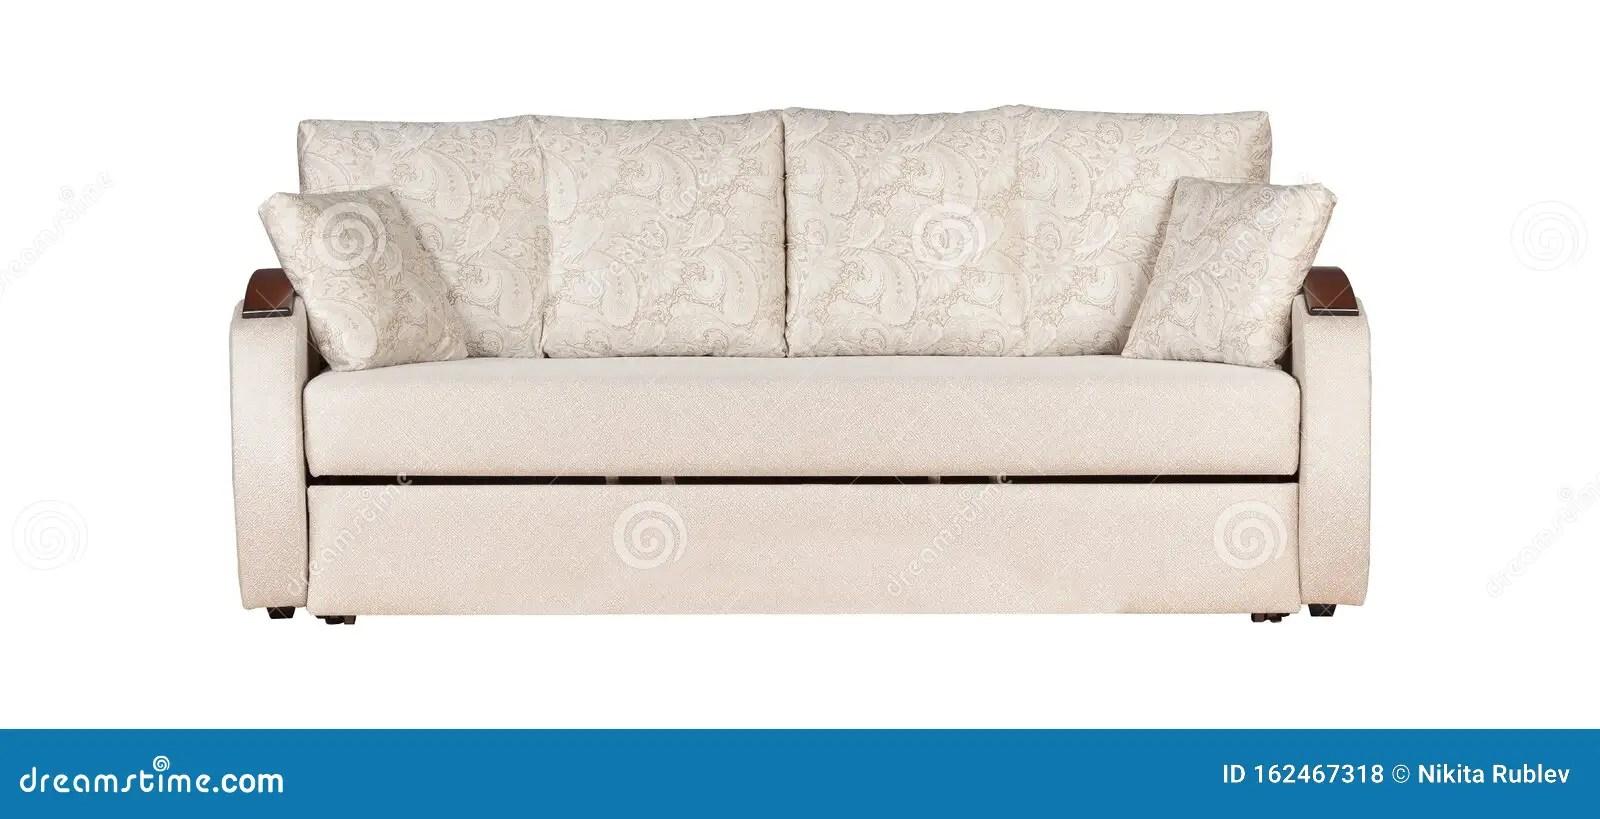 canape blanc avec coussins isoles photo